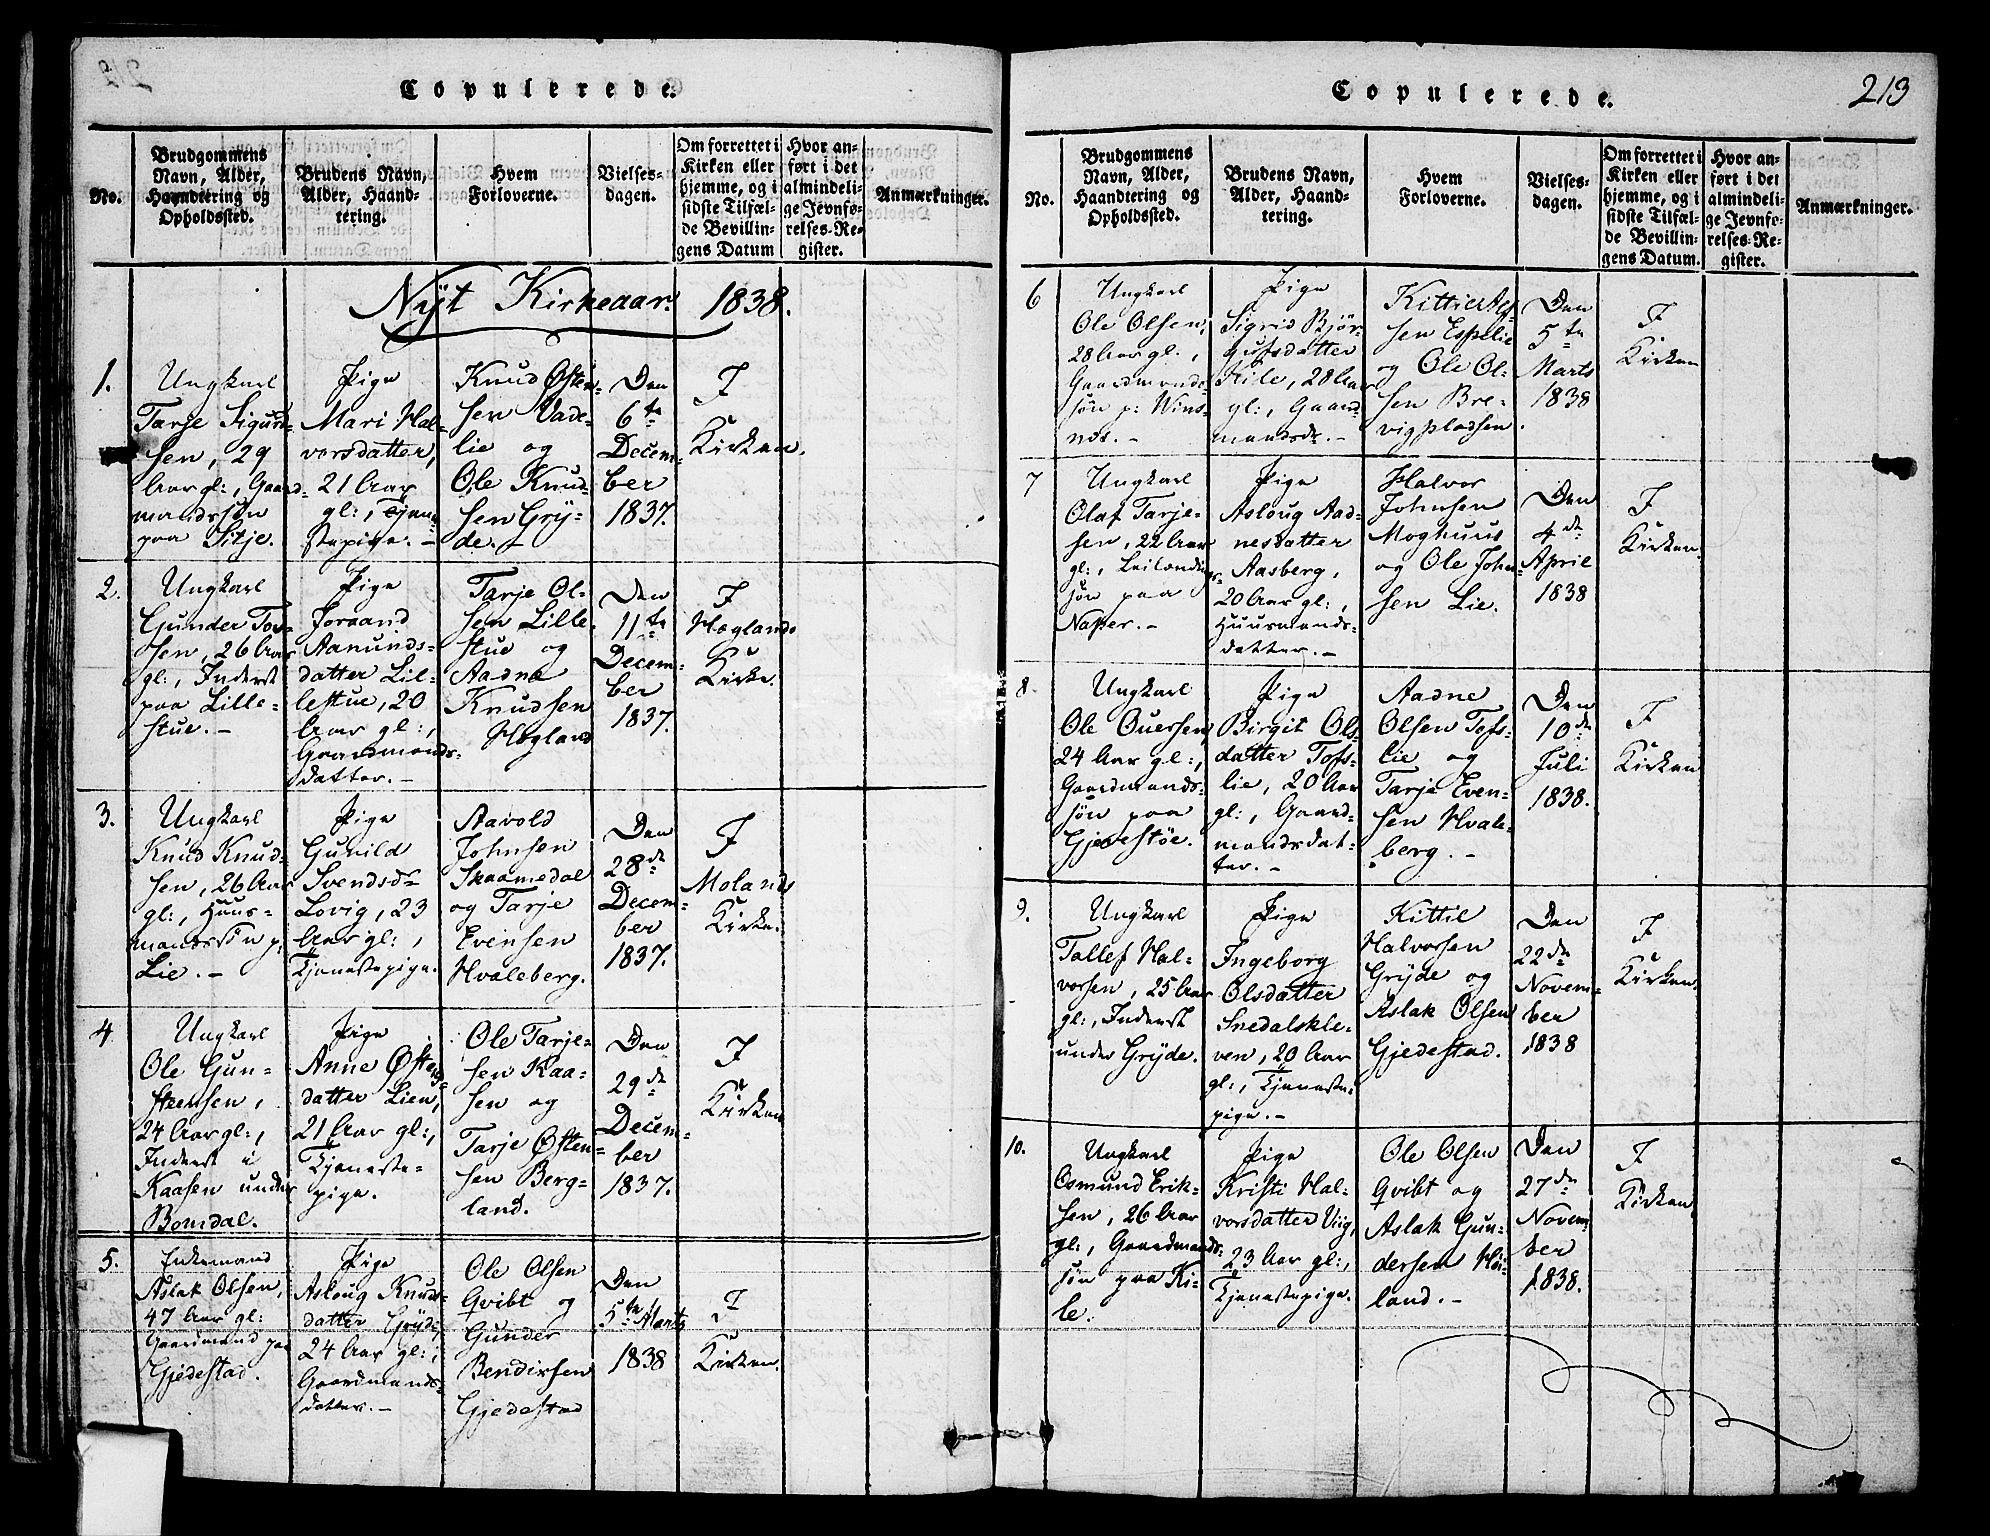 SAKO, Fyresdal kirkebøker, F/Fa/L0003: Ministerialbok nr. I 3, 1815-1840, s. 213